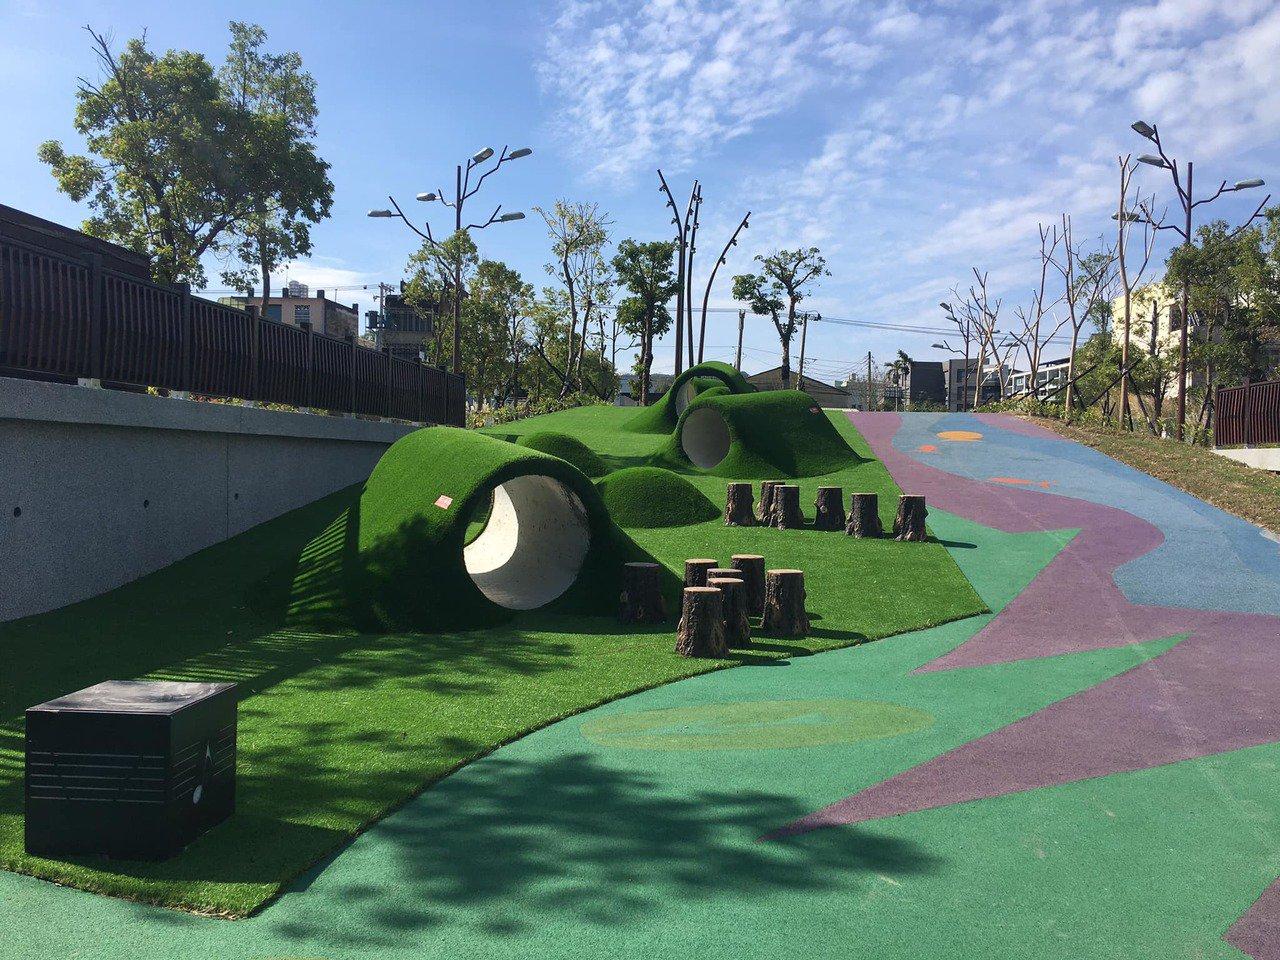 竹東舊台泥特色公園廢物利用,將台泥留下來的舊涵管,改造為可供孩子玩耍的設施。圖/...